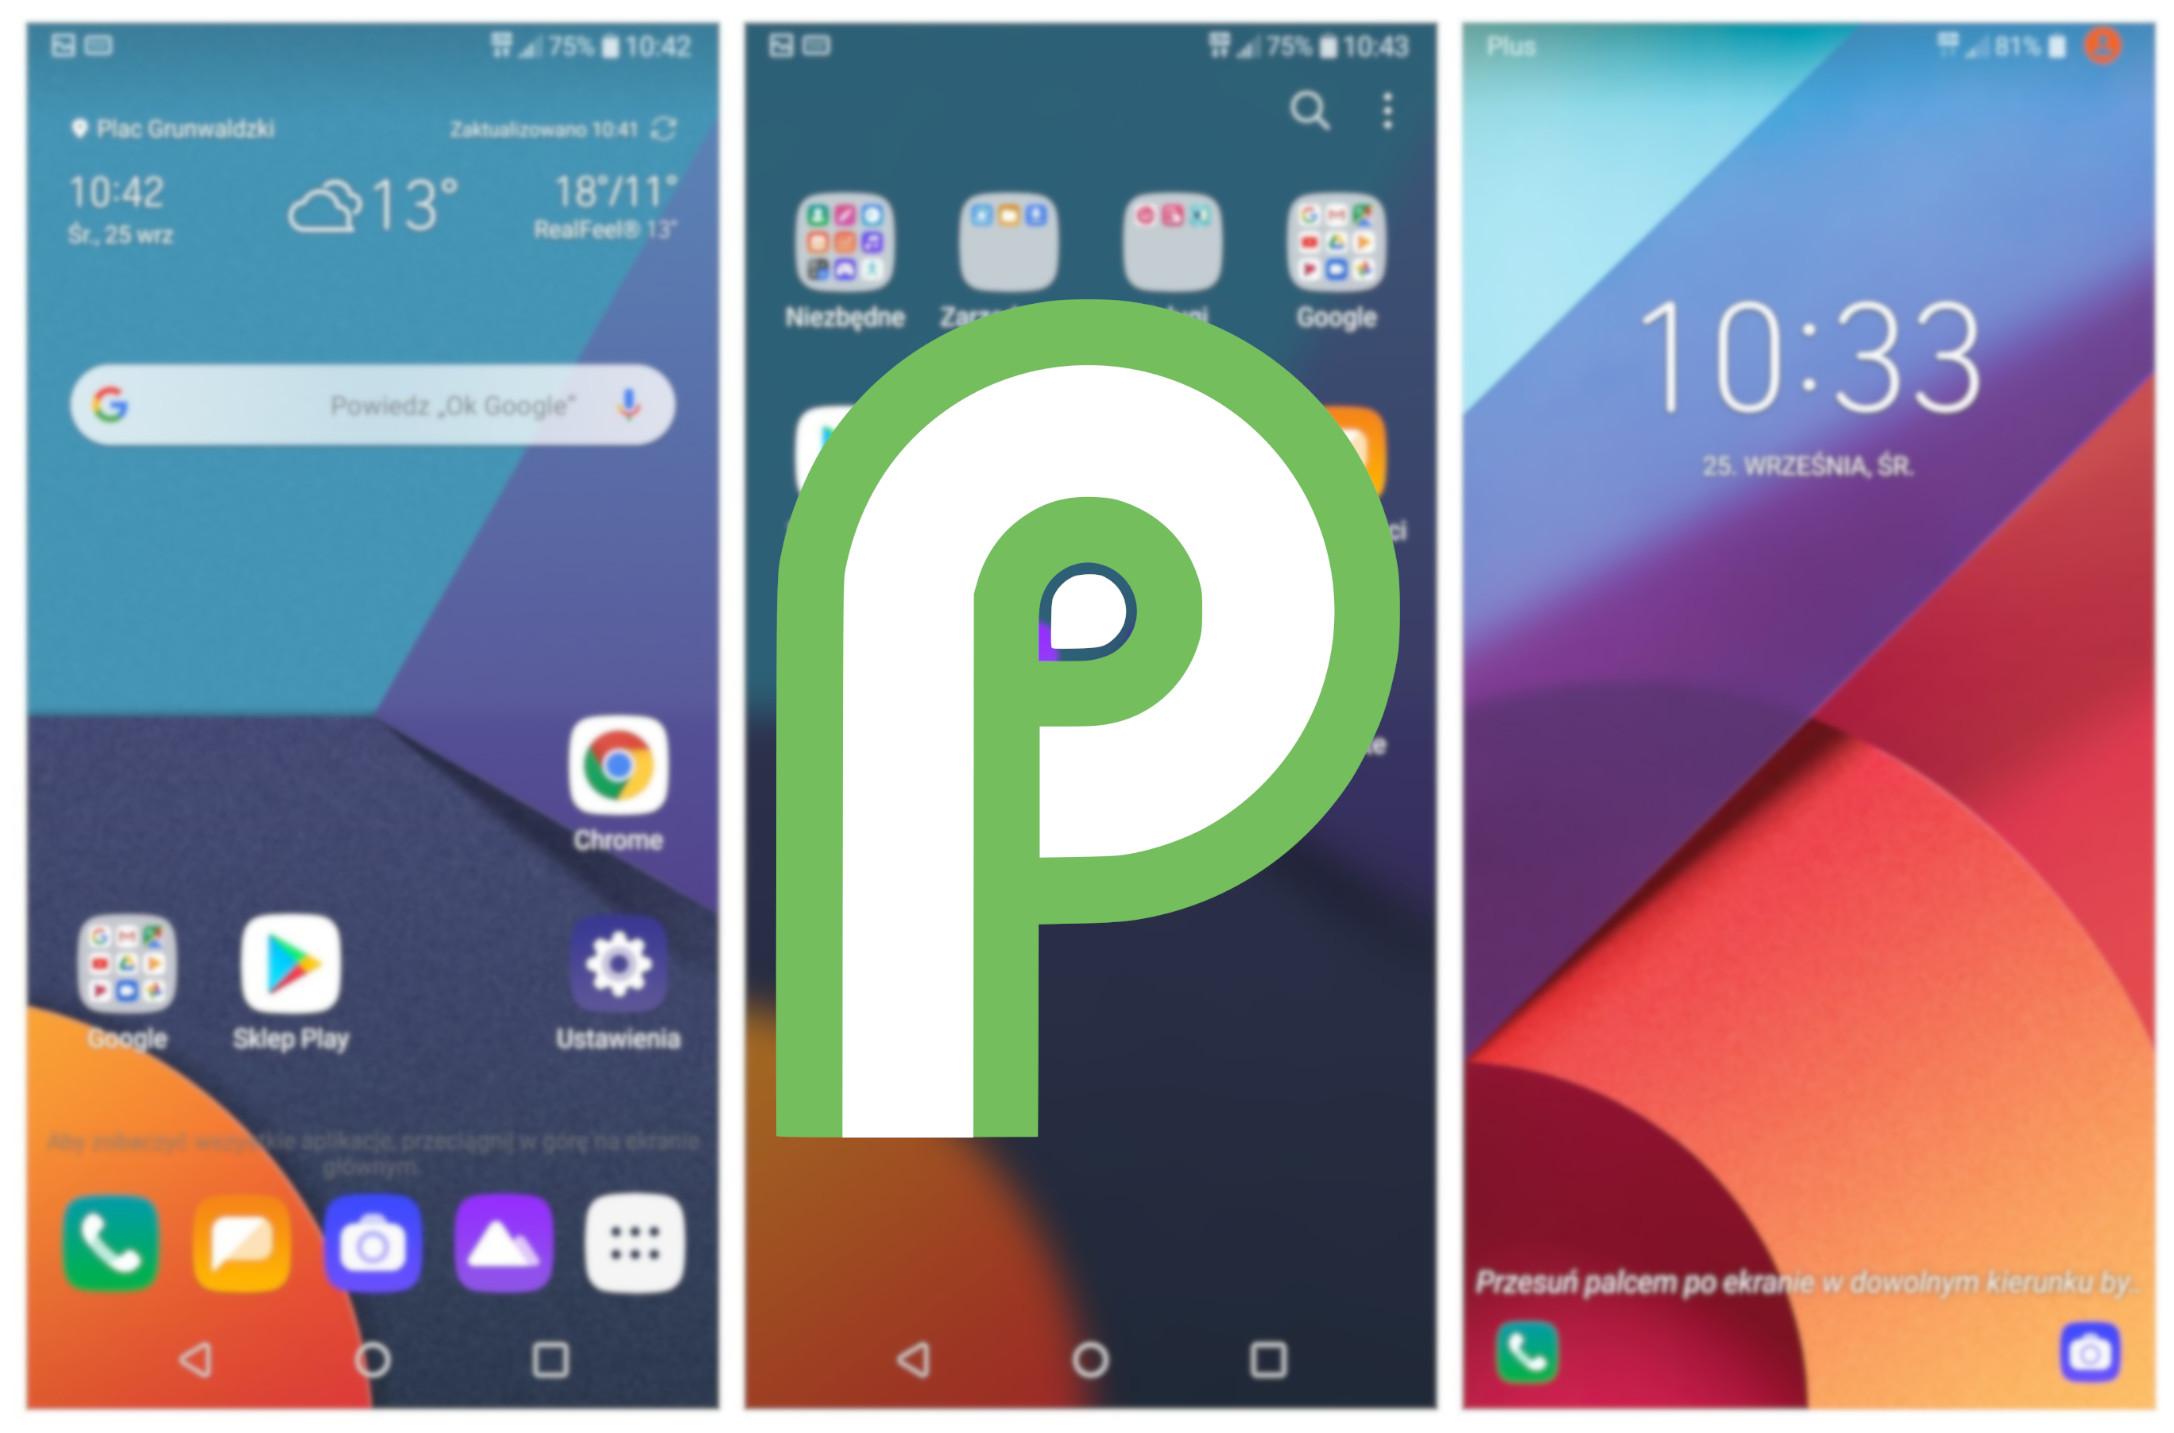 Aktualizacja do systemu Android 9.0 Pie trafia na smartfony LG G6 19